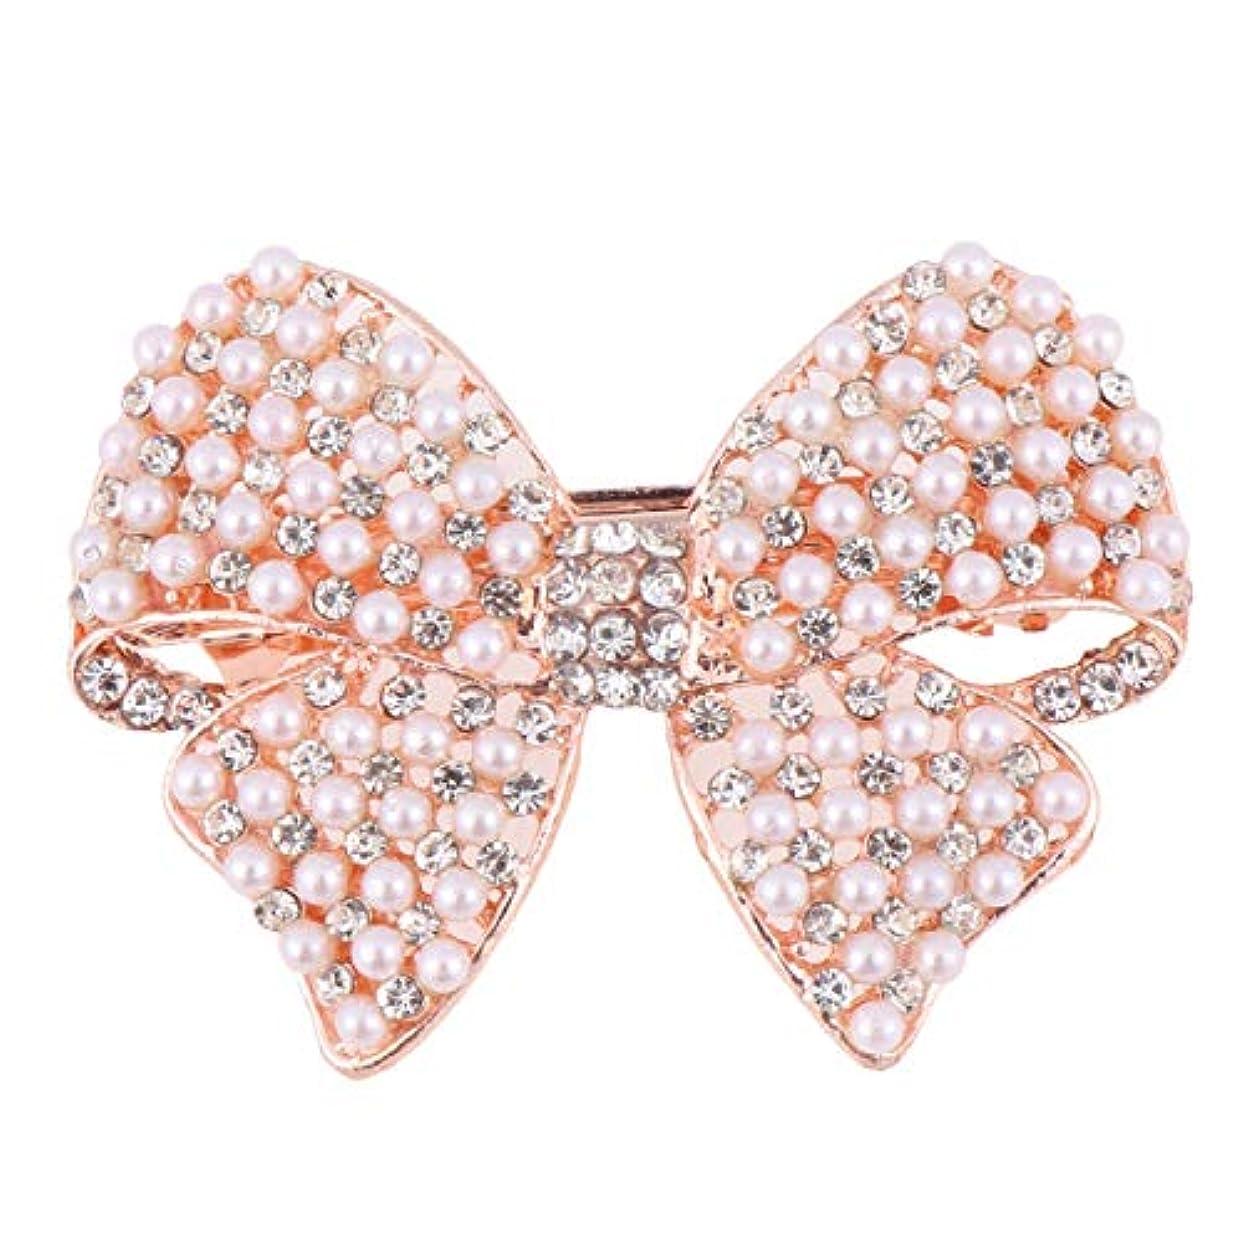 隙間ピストン蒸し器Beaupretty 女性のための真珠の弓のヘアクリップラインストーンヘアピンヘッドドレスバレッタちょう結び